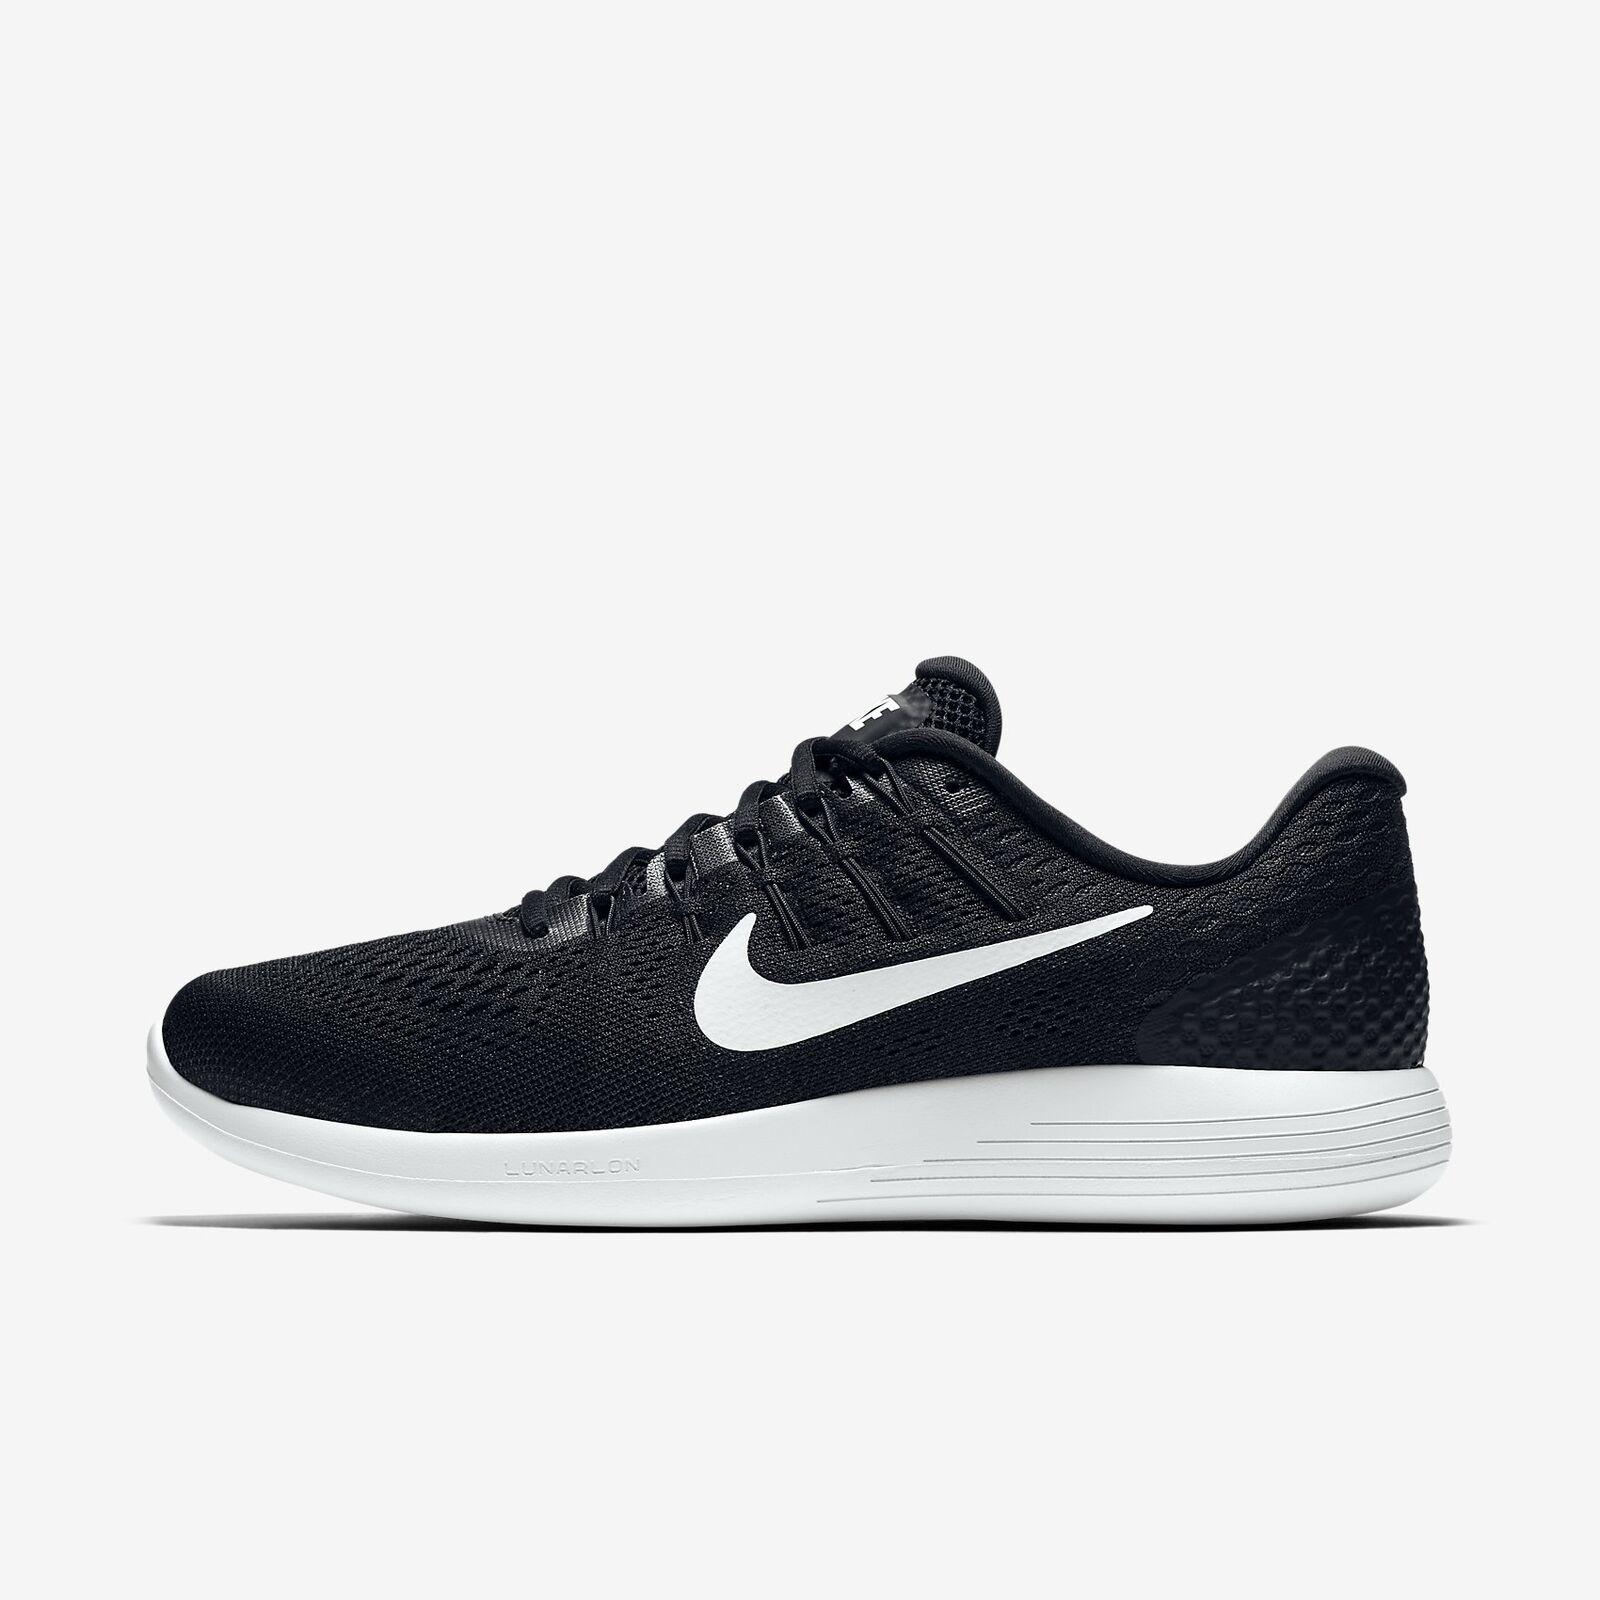 Men's Nike 11 Lunarglide 8 Running Shoes Black White Size 11 Nike AA8676 001 NIB 8bd991